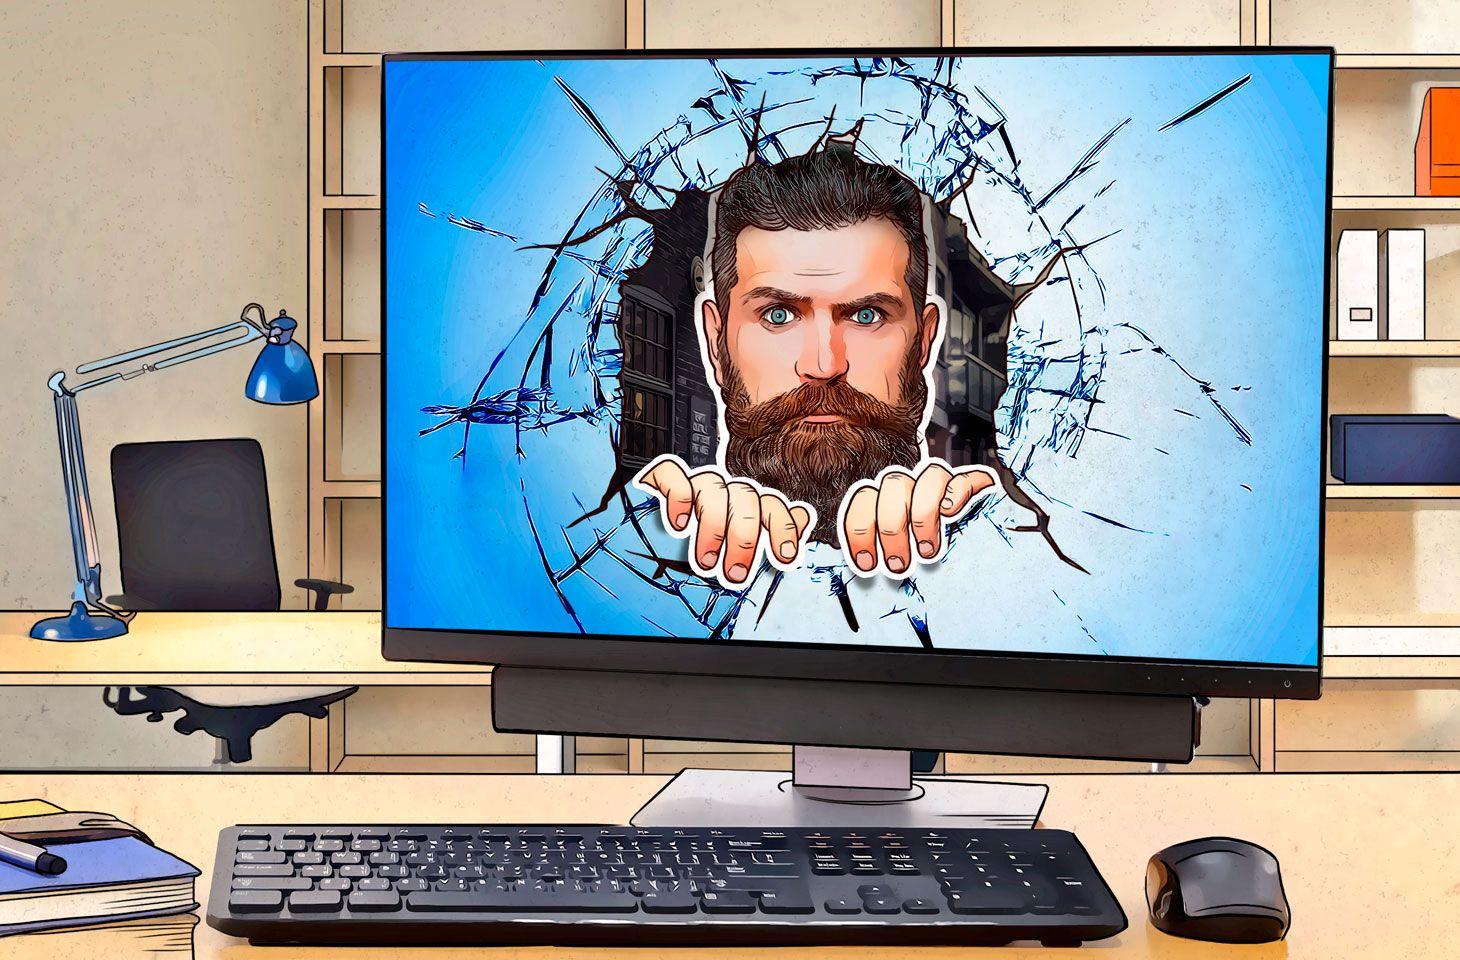 Kaspersky otkrio exploite nultog dana na Windows operativnom sistemu i Internet Exploreru, koji su korišćeni za targetirani napad